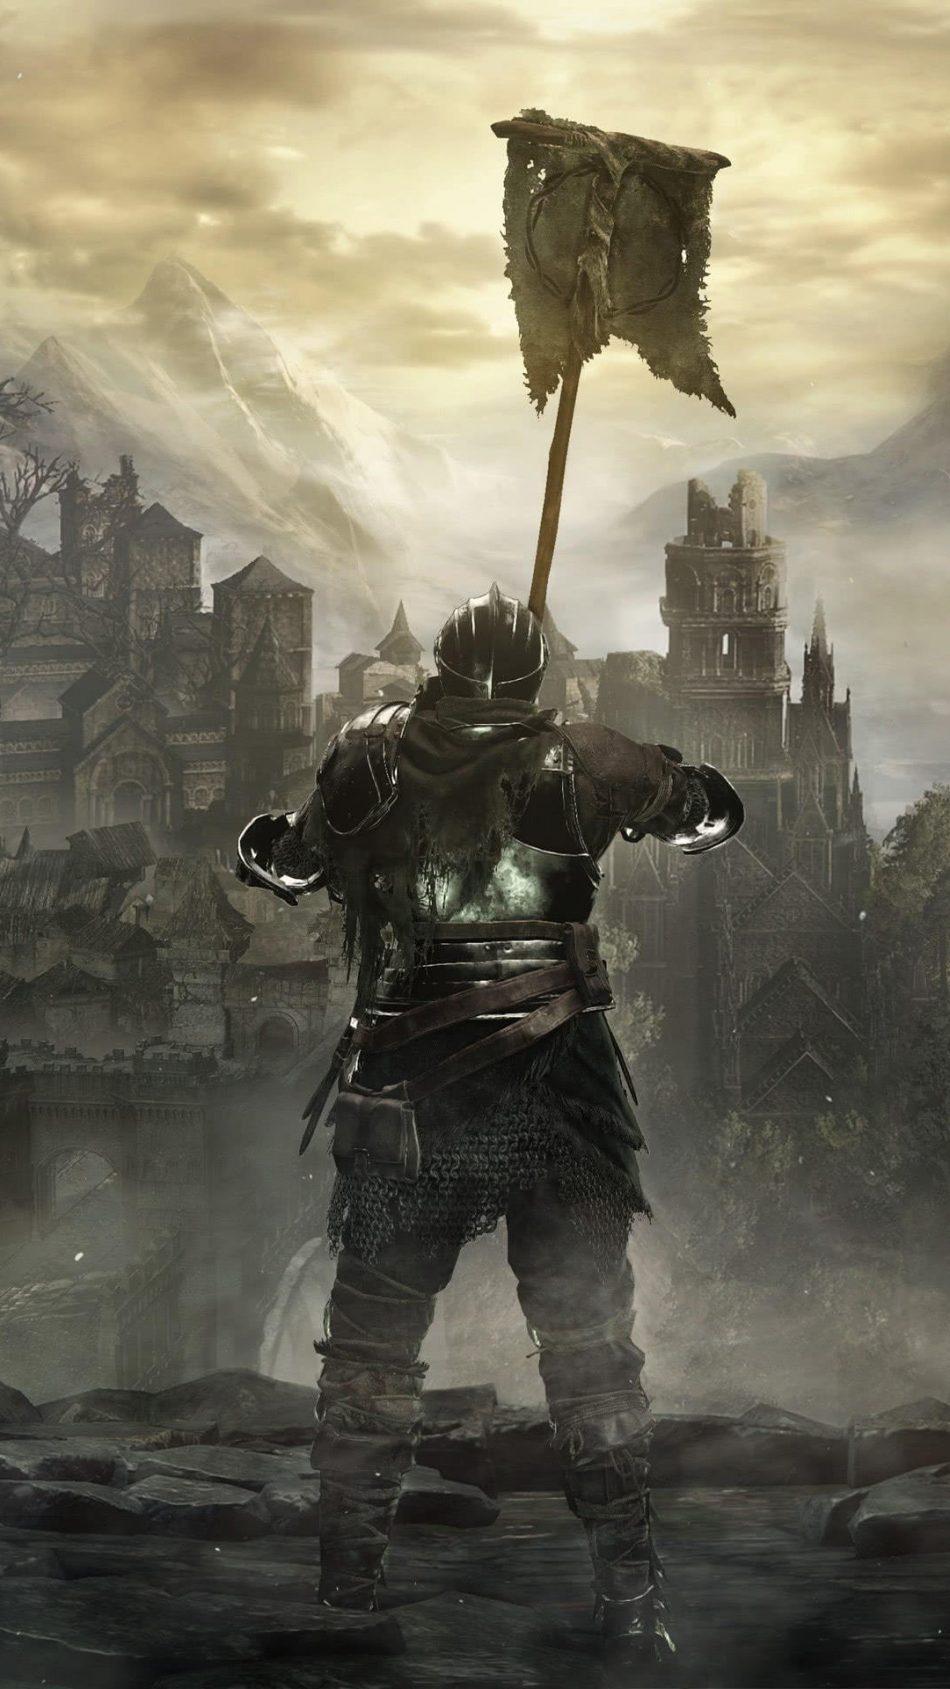 Dark Souls 3 Game Hd Mobile Wallpaper Dark Souls 3 Phone